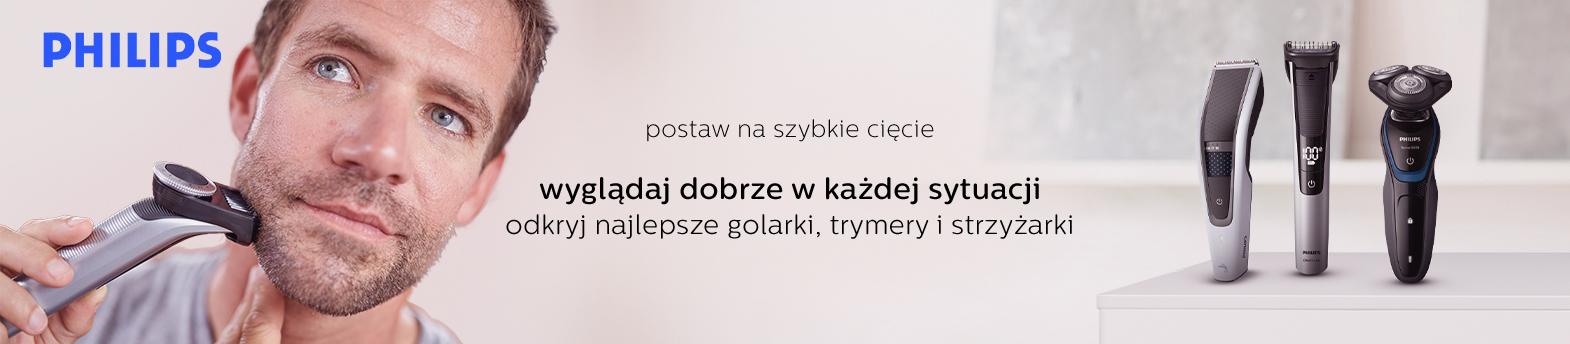 golarki philips